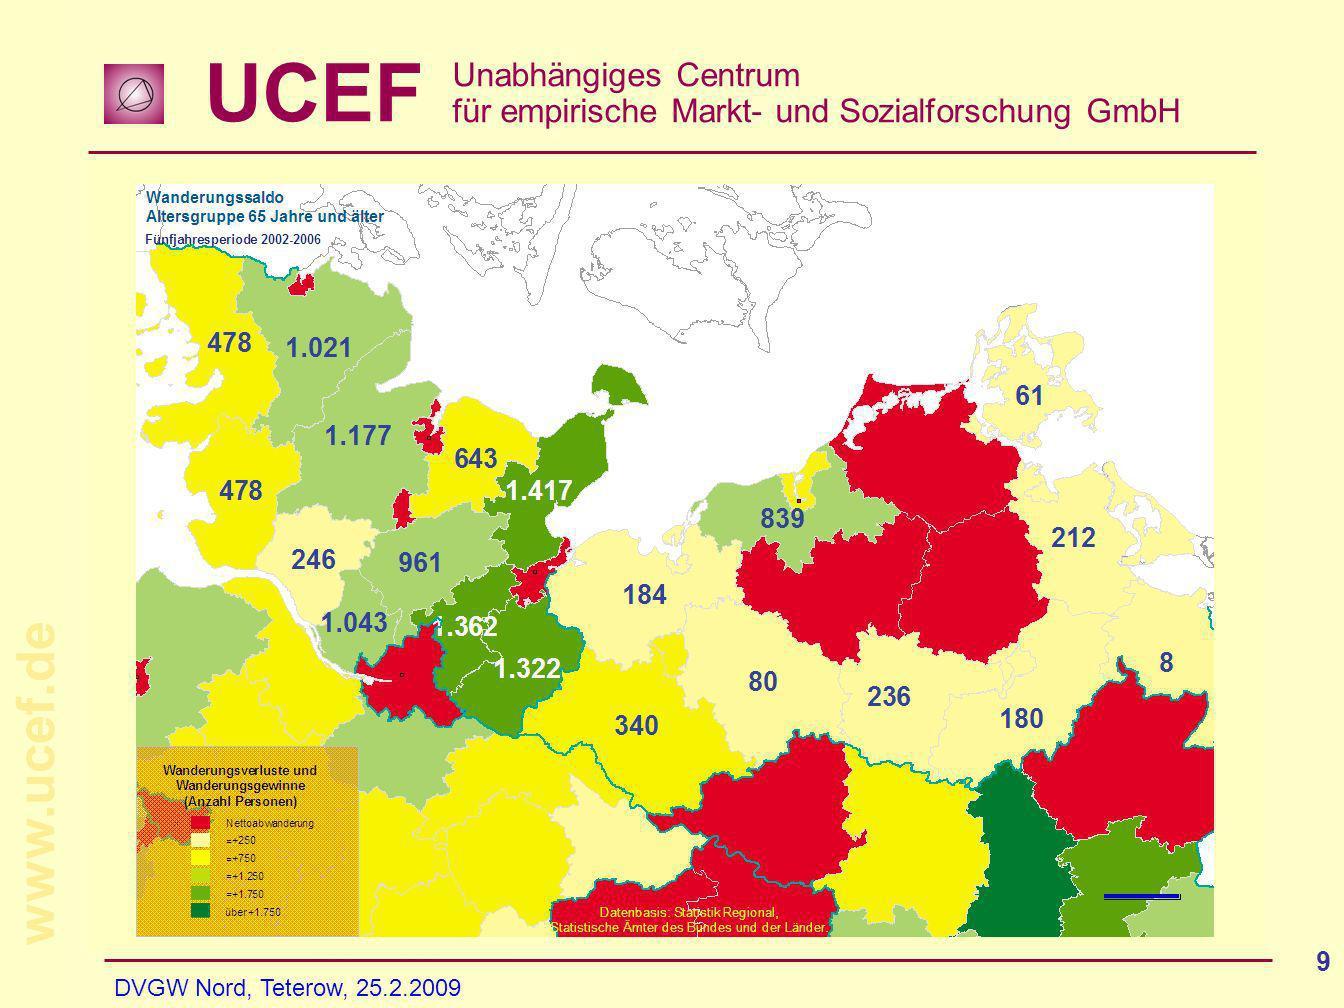 UCEF Unabhängiges Centrum für empirische Markt- und Sozialforschung GmbH www.ucef.de DVGW Nord, Teterow, 25.2.2009 10 Zwischenbilanz I: Veralterung ist nicht gleich Veralterung...